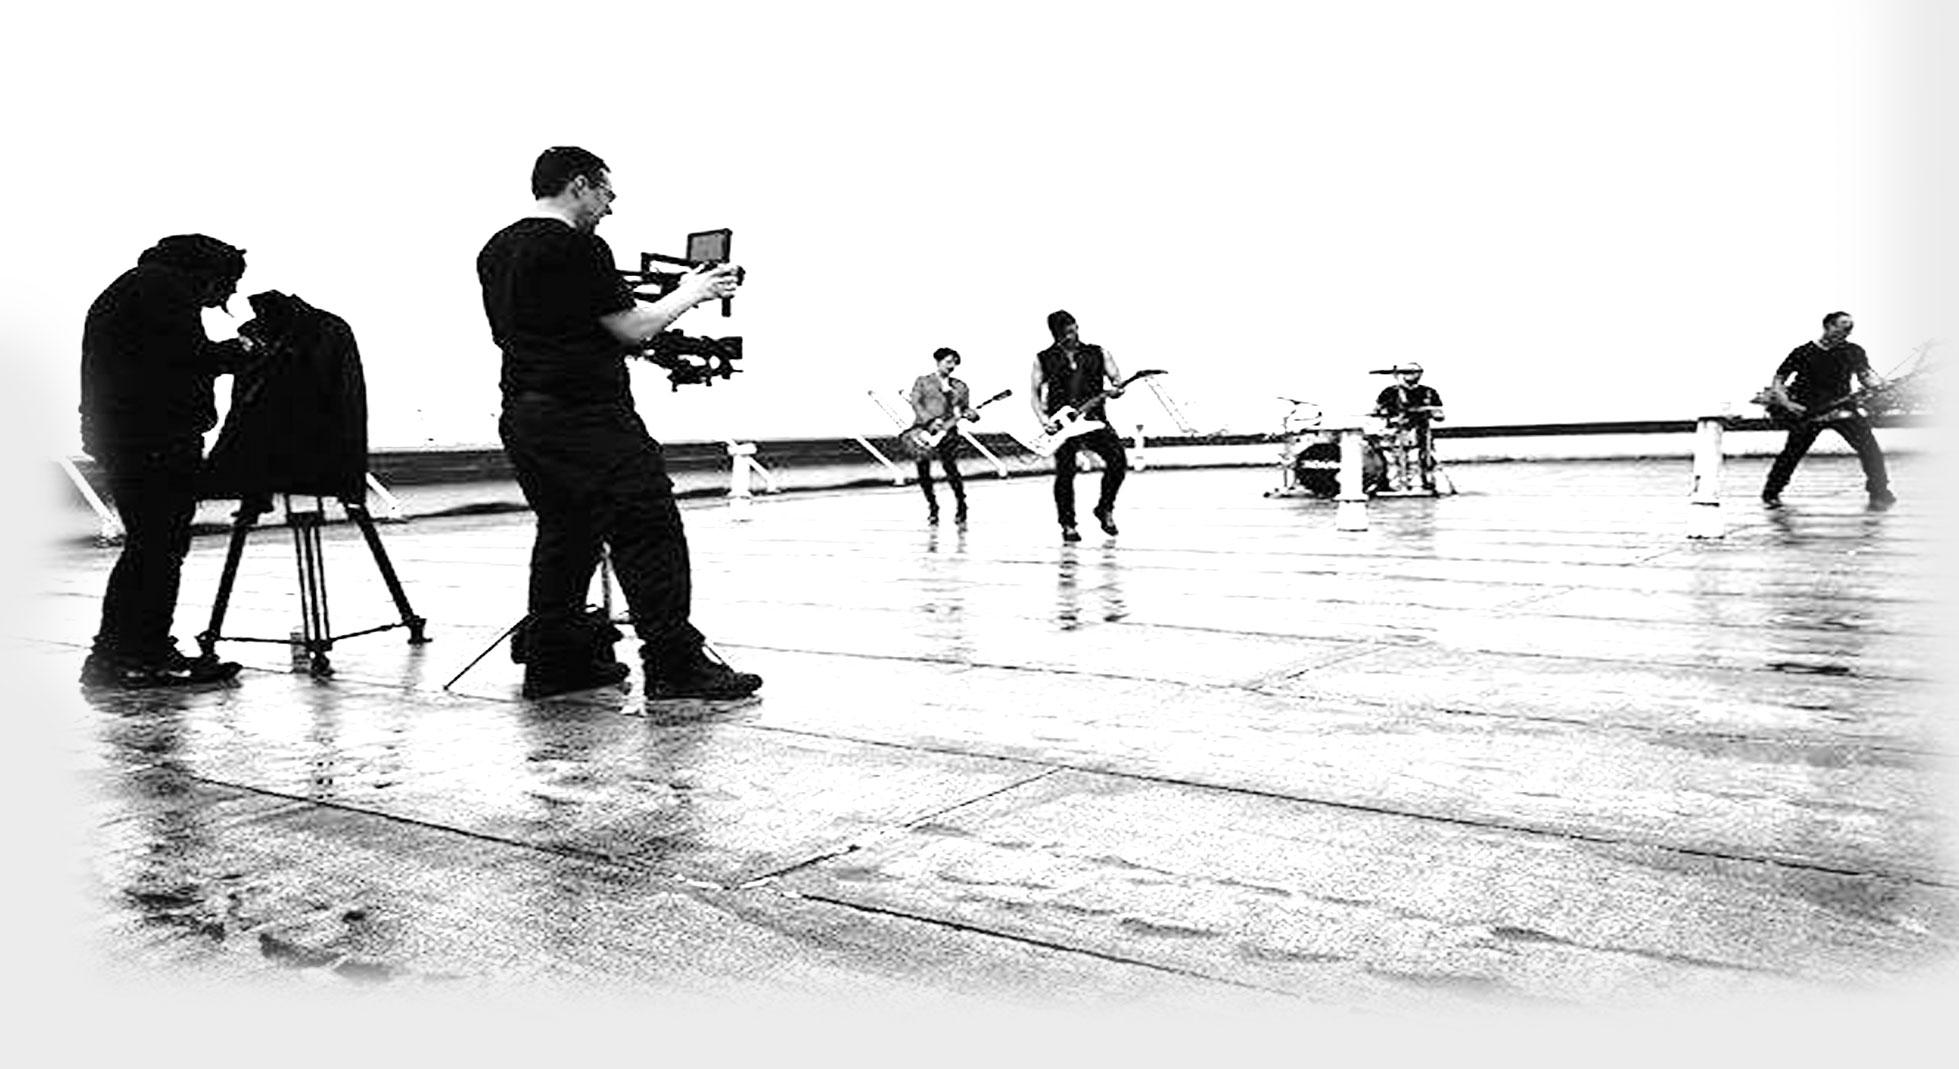 Tetraknot Filming The Adarna